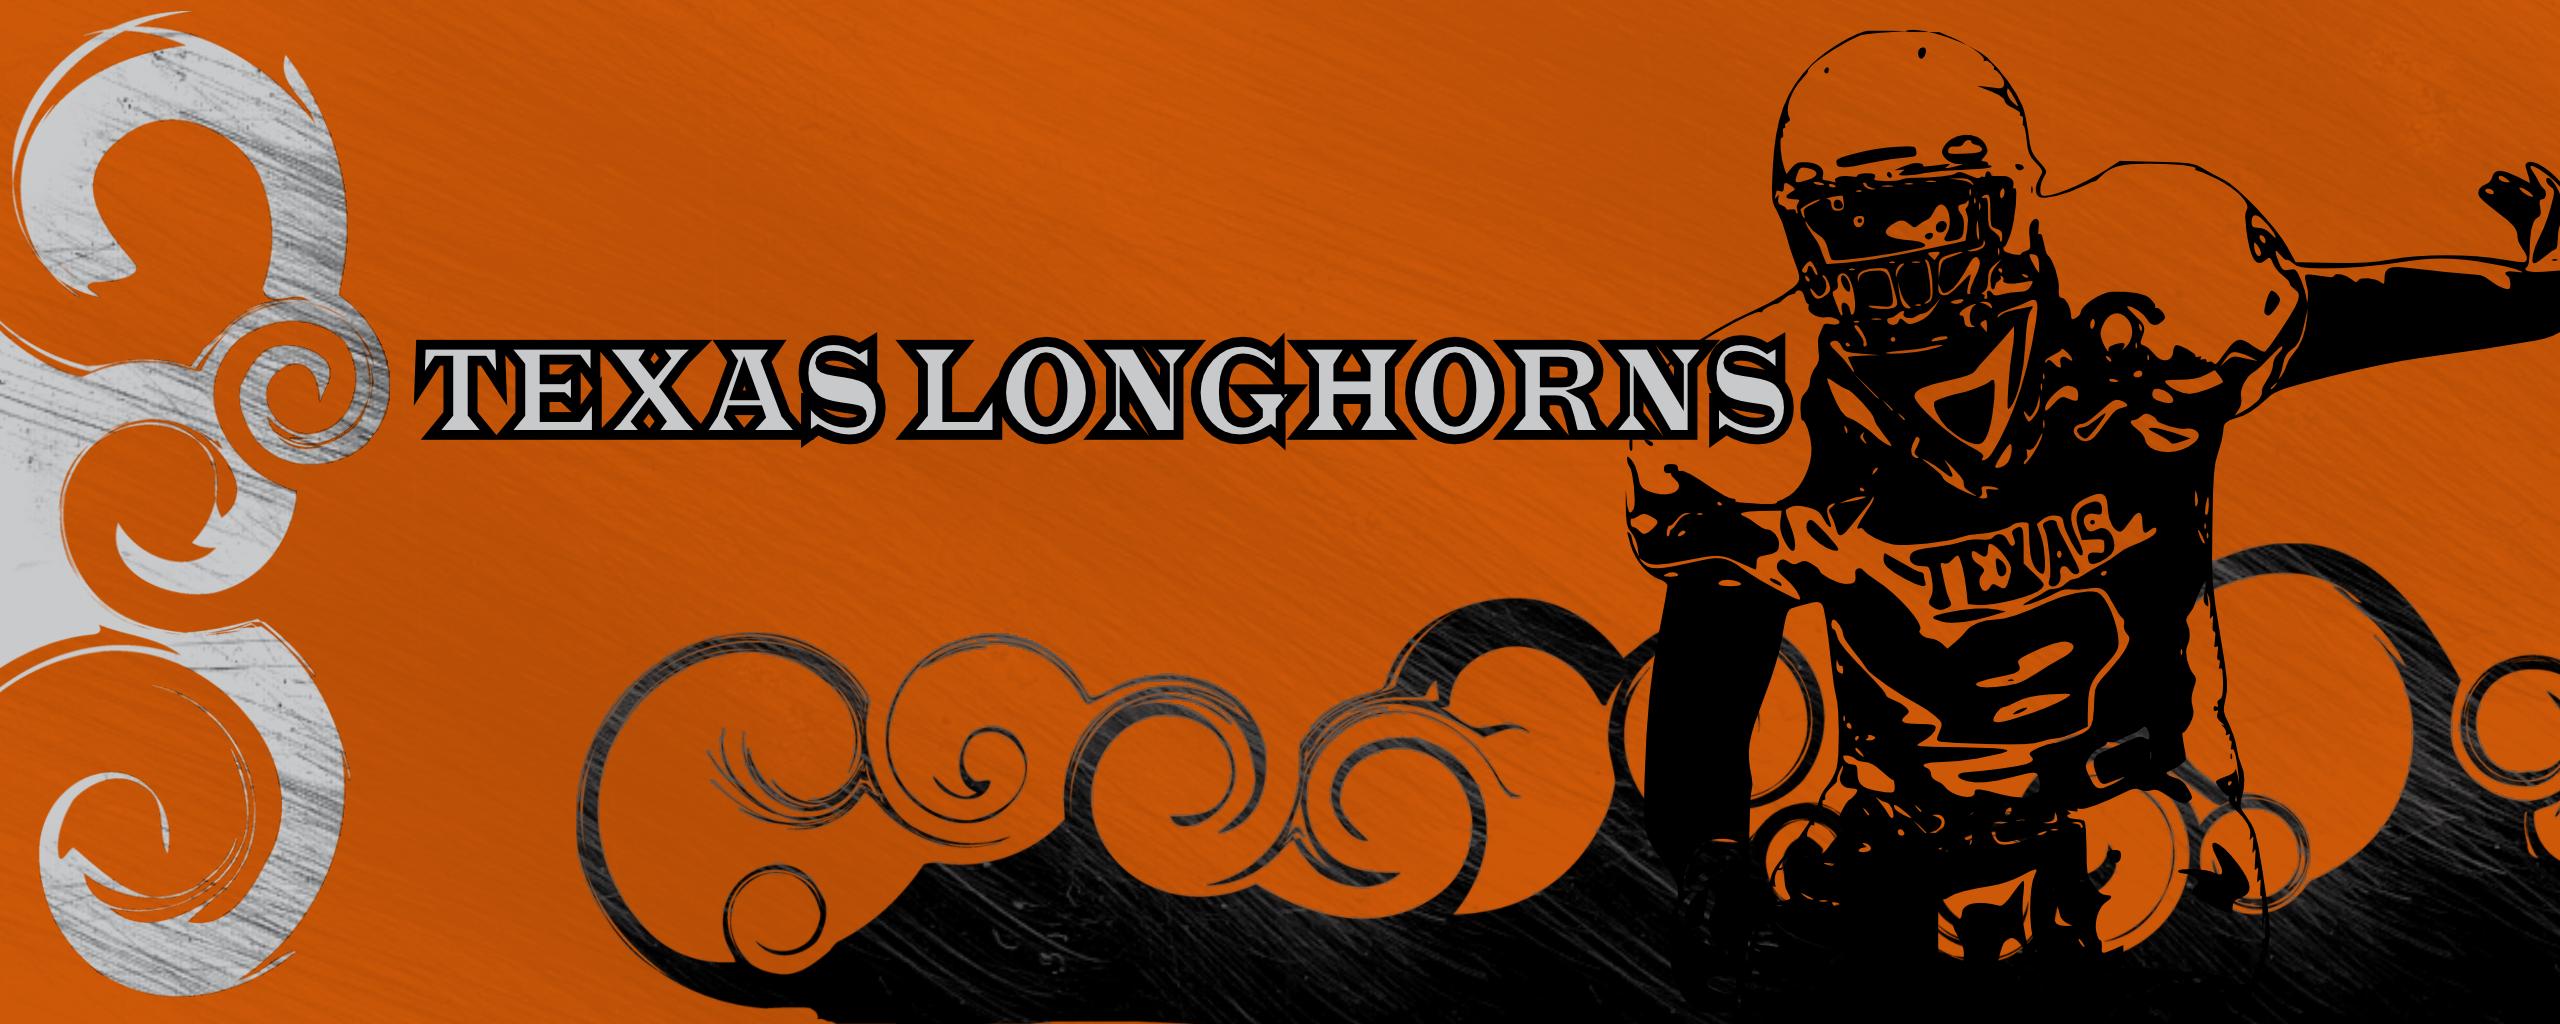 Texas Longhorn Desktop Wallpaper Texas Longhorns Live Wallpaper300